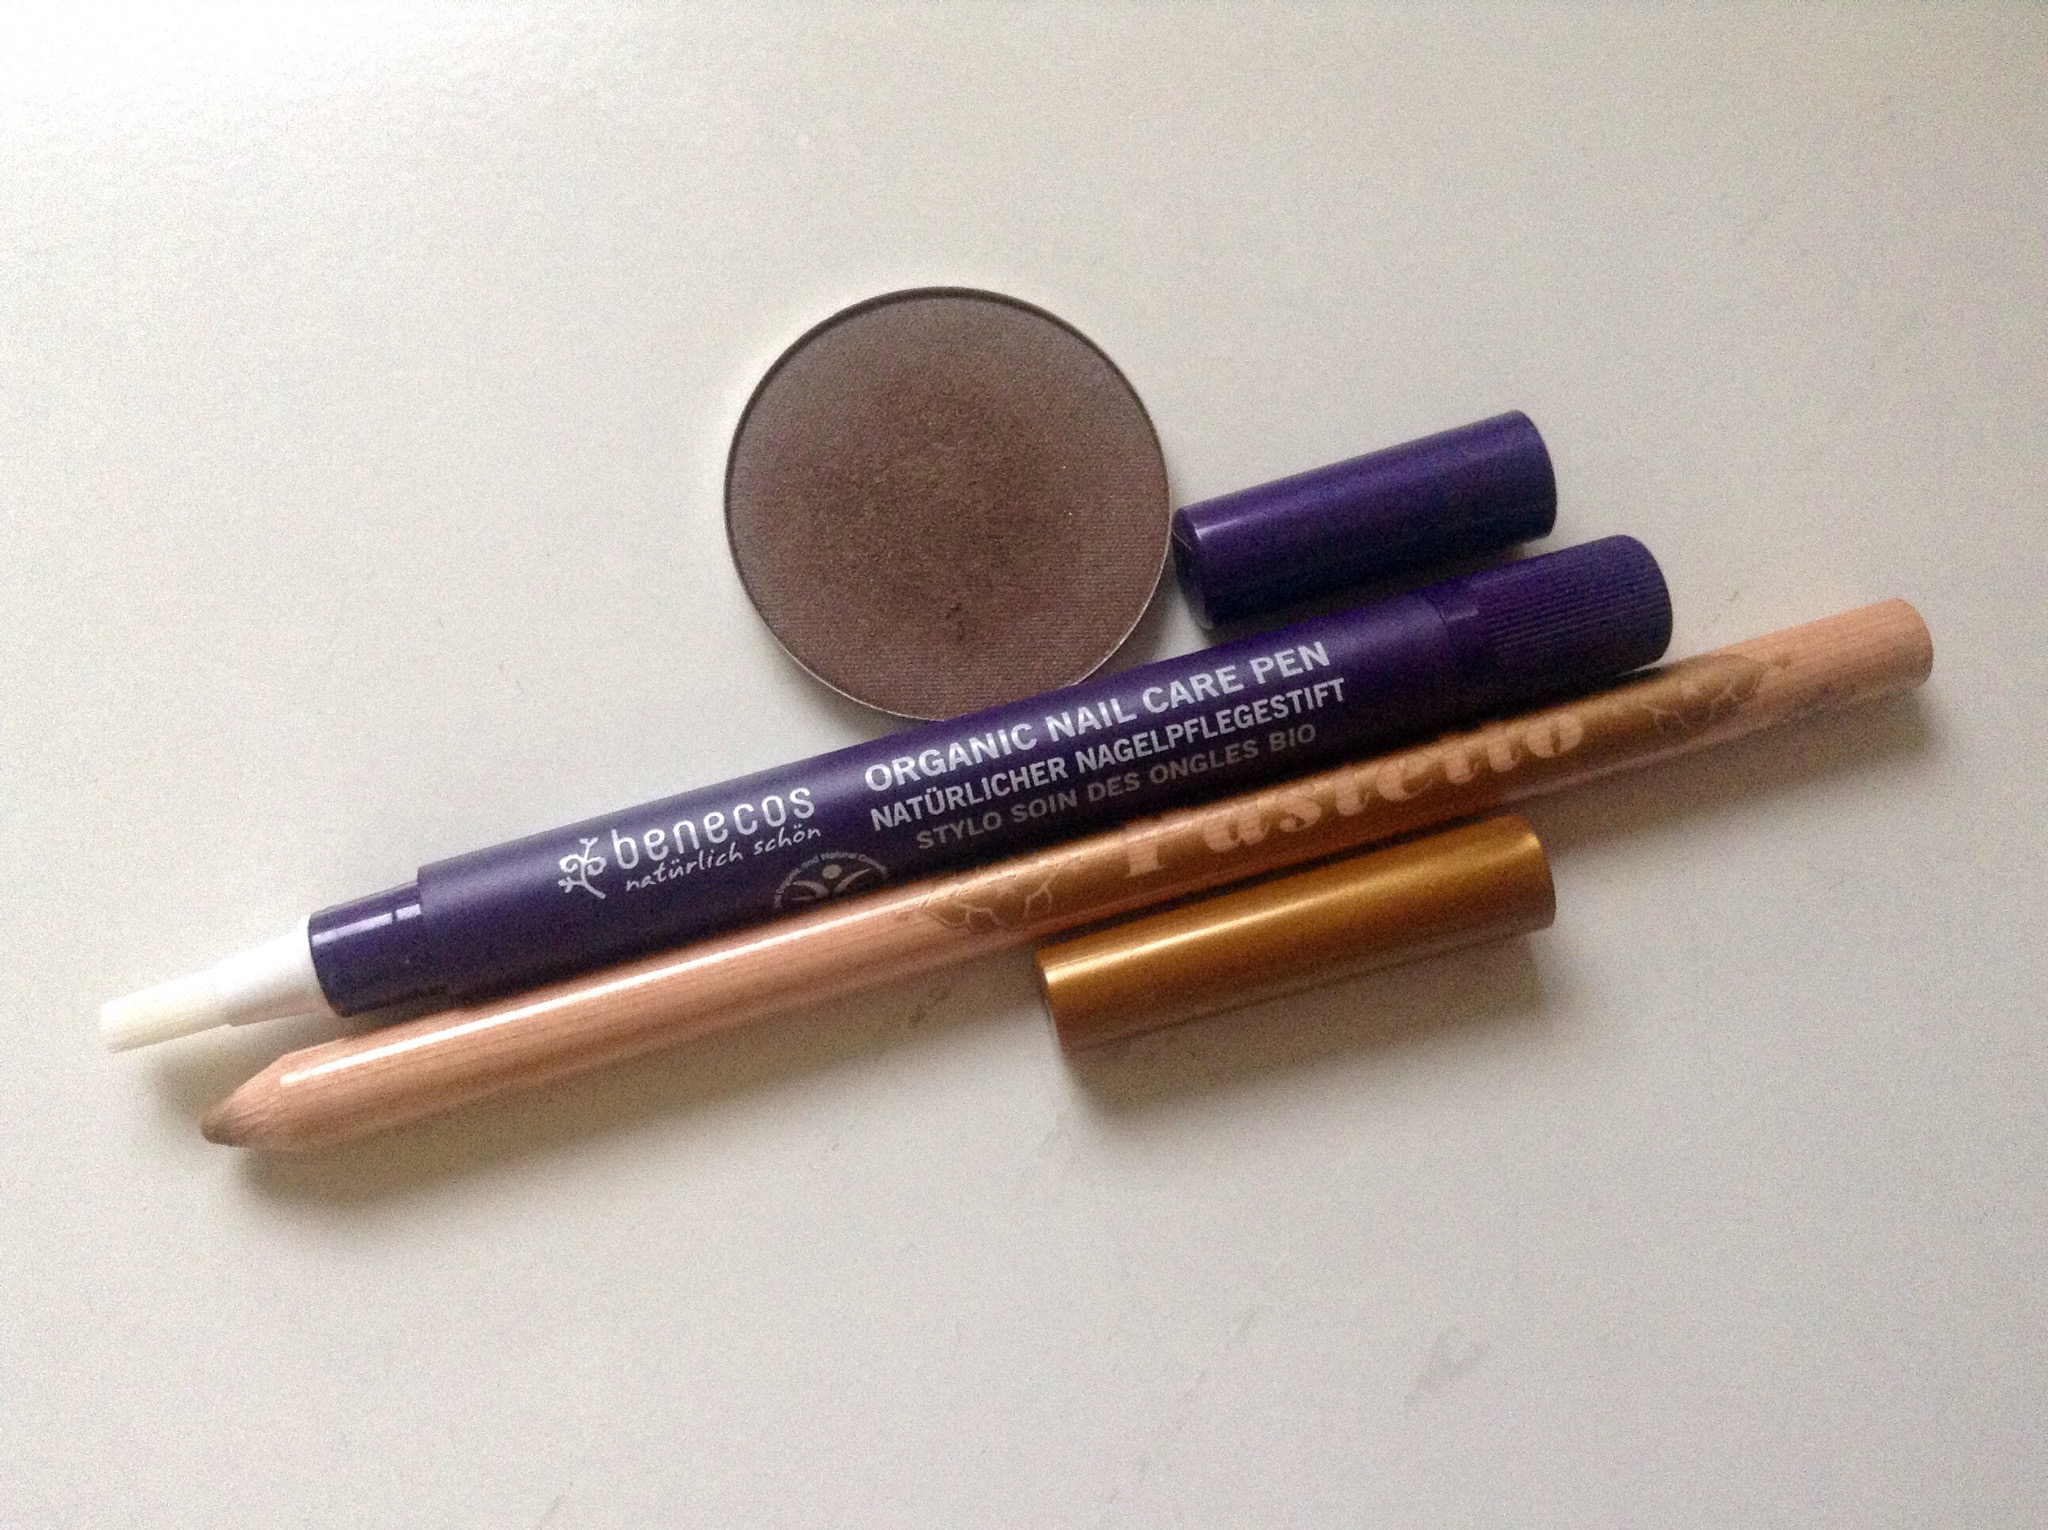 Neve Cosmetics Biomatita Leone, Ombretto in Cialda Obscure. Benecos Nail Care Pen